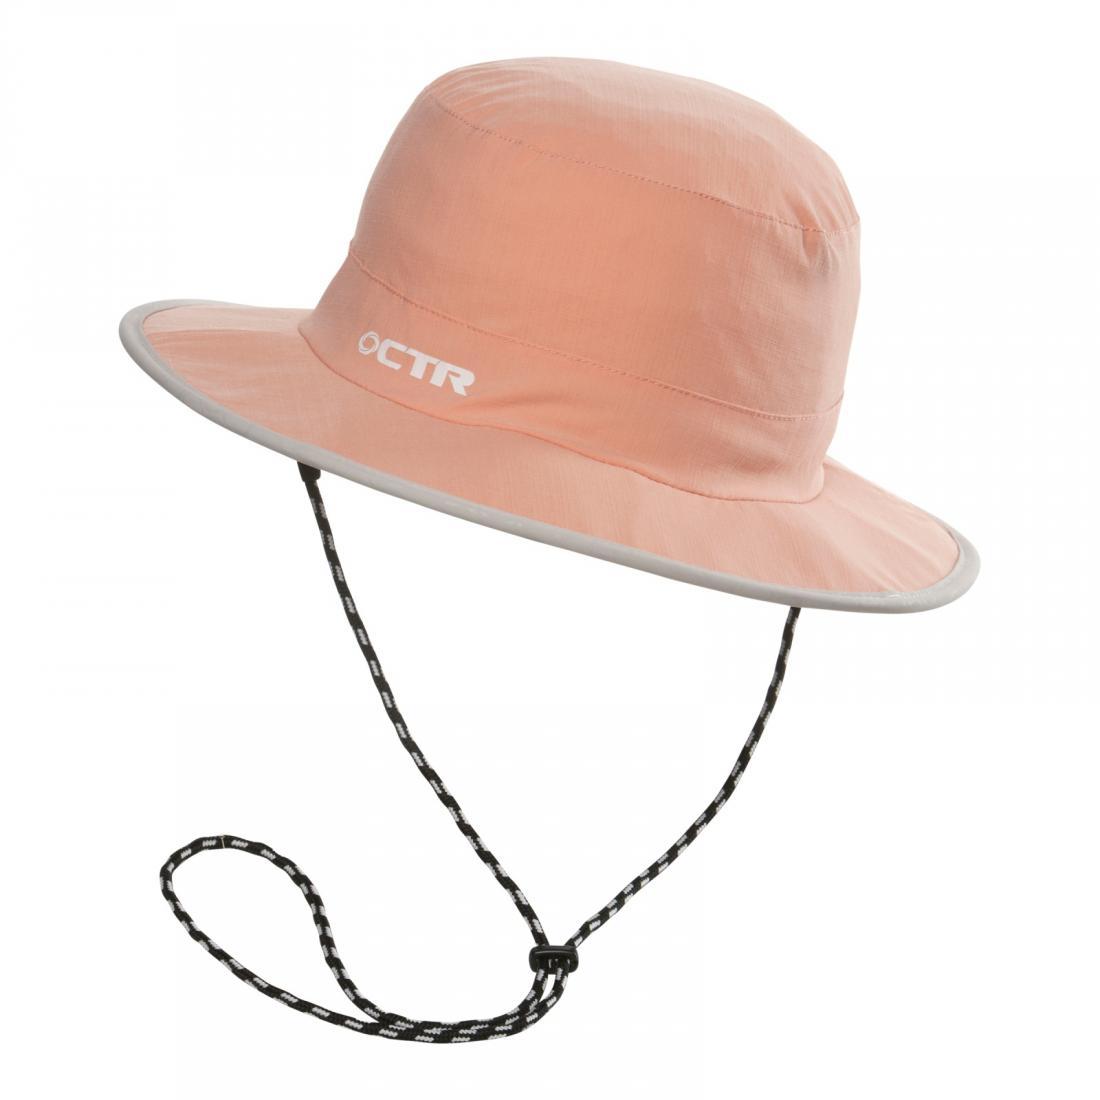 Панама Chaos  Summit Day Hat (женс)Панамы<br><br> Chaos Summit Day Hat — это оригинальная женская панама для яркого отдыха. Она привлекает внимание необычным дизайном, цветовым решением и формой полей. Эта модель идеально подходит для пляжного отдыха или длительных прогулок в ясную жаркую погоду.<br>...<br><br>Цвет: Розовый<br>Размер: S-M